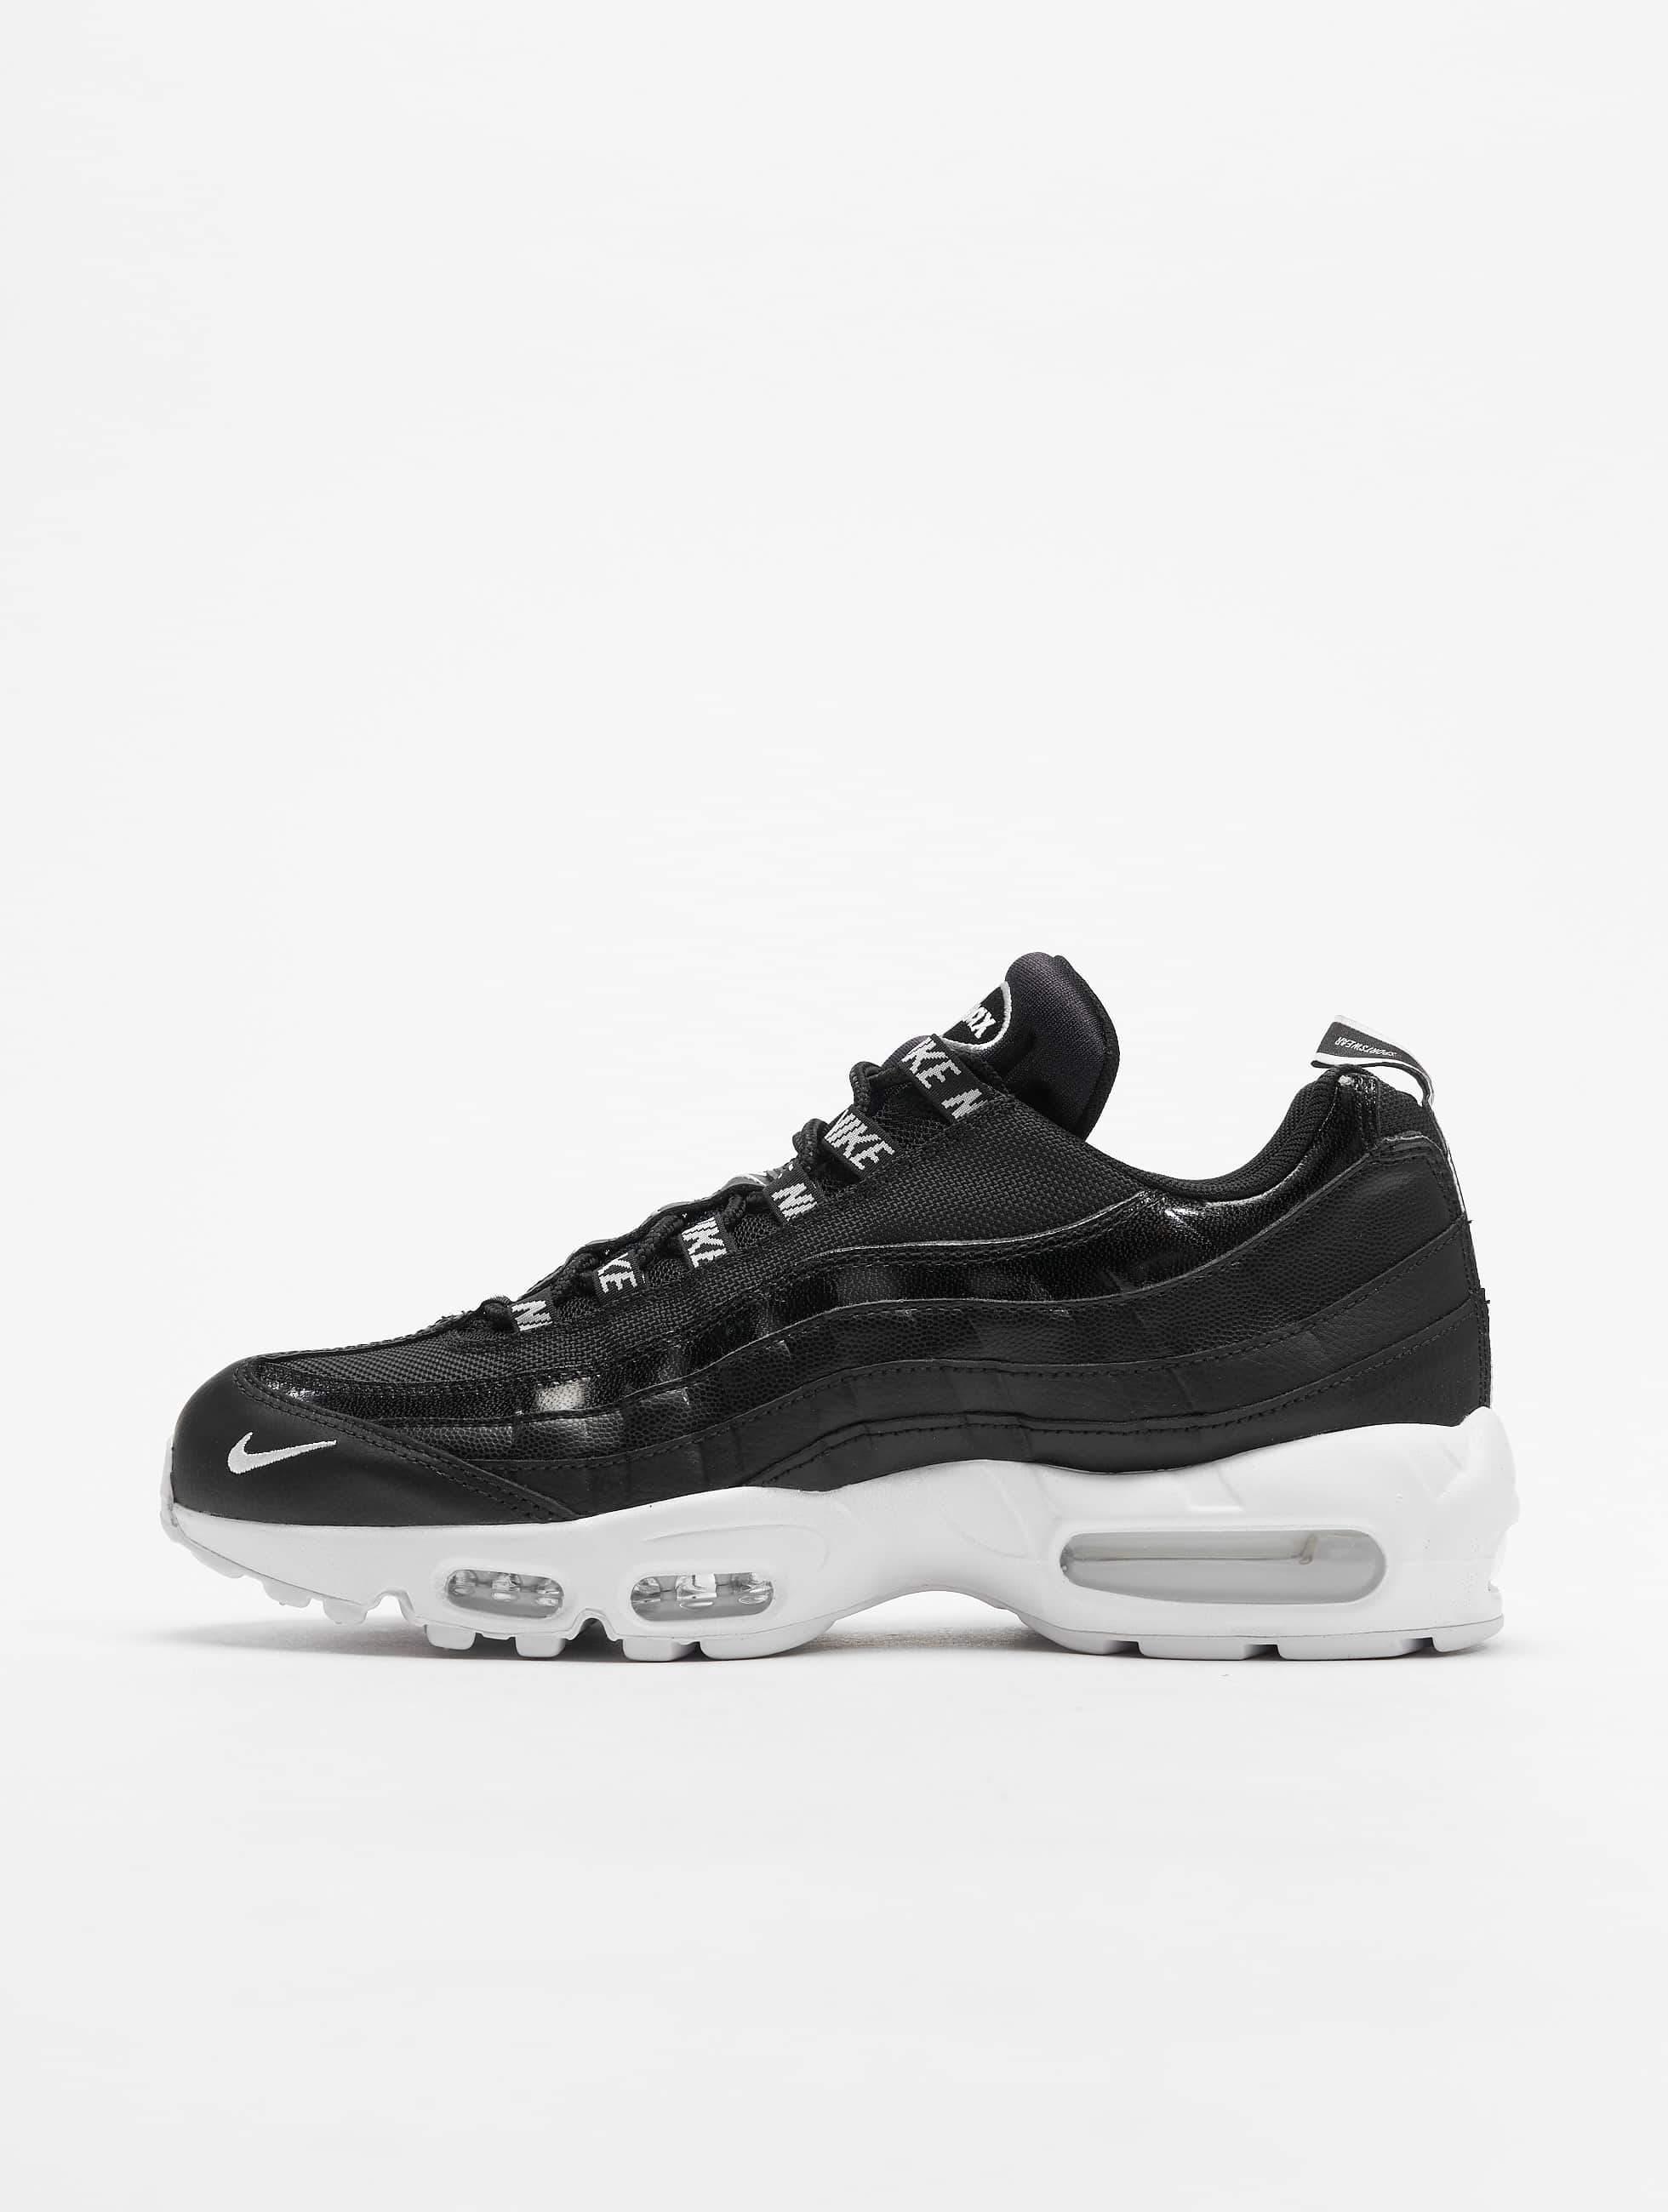 Nike Air Max 95 Premium Sneakers BlackWhiteBlack